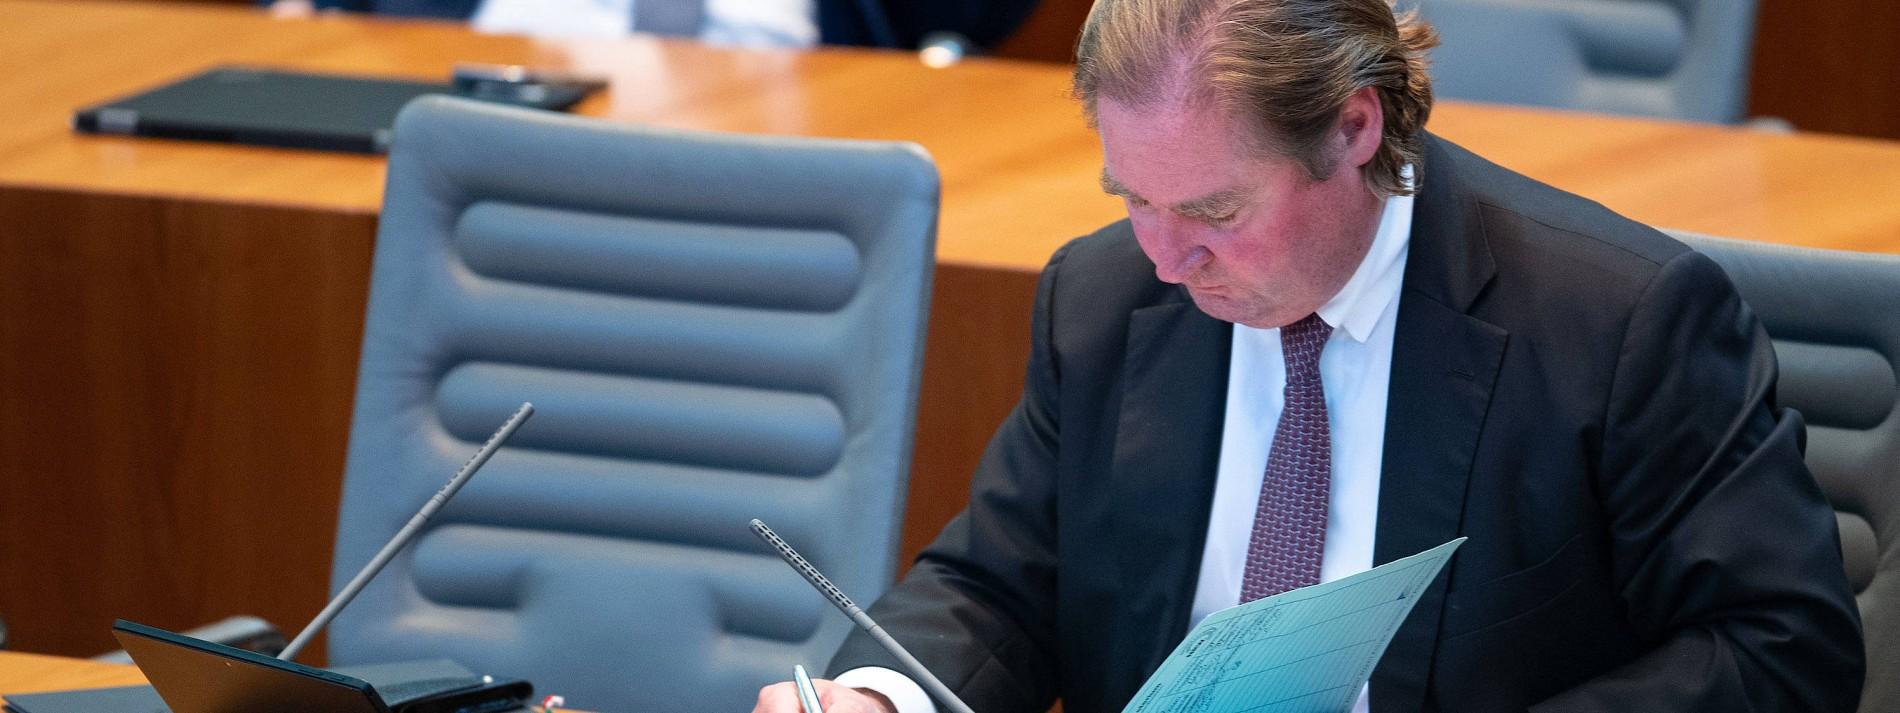 Nordrhein-Westfalen hat Schulden, die es offiziell nicht hat